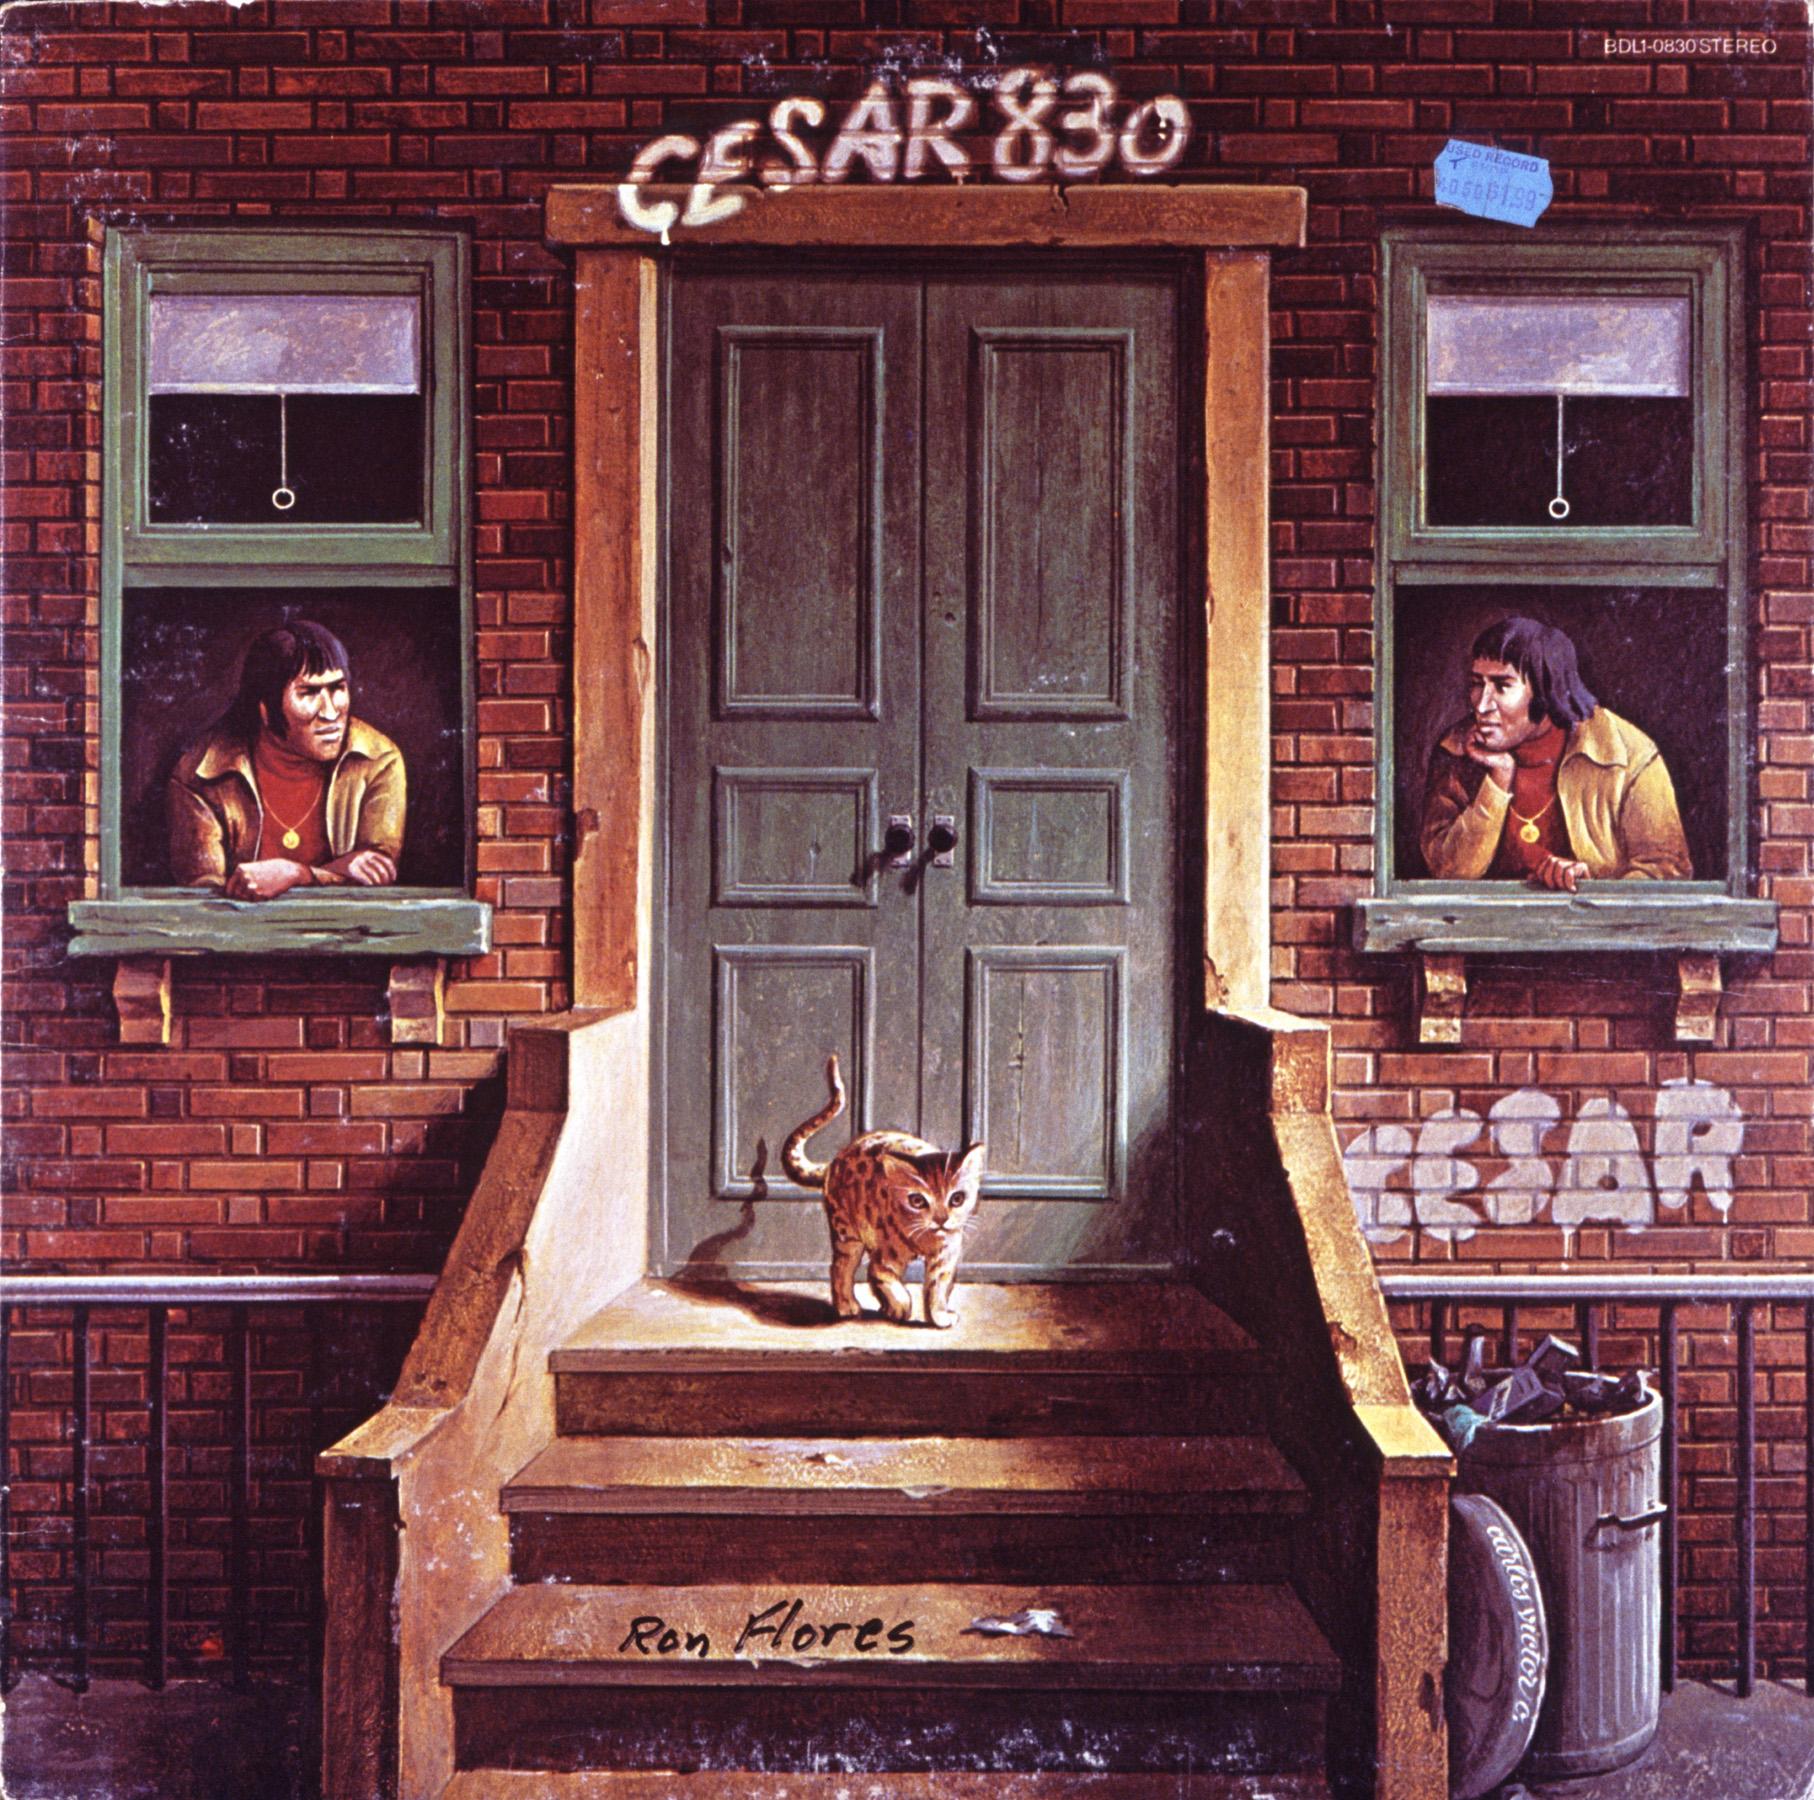 Cesar.jpg